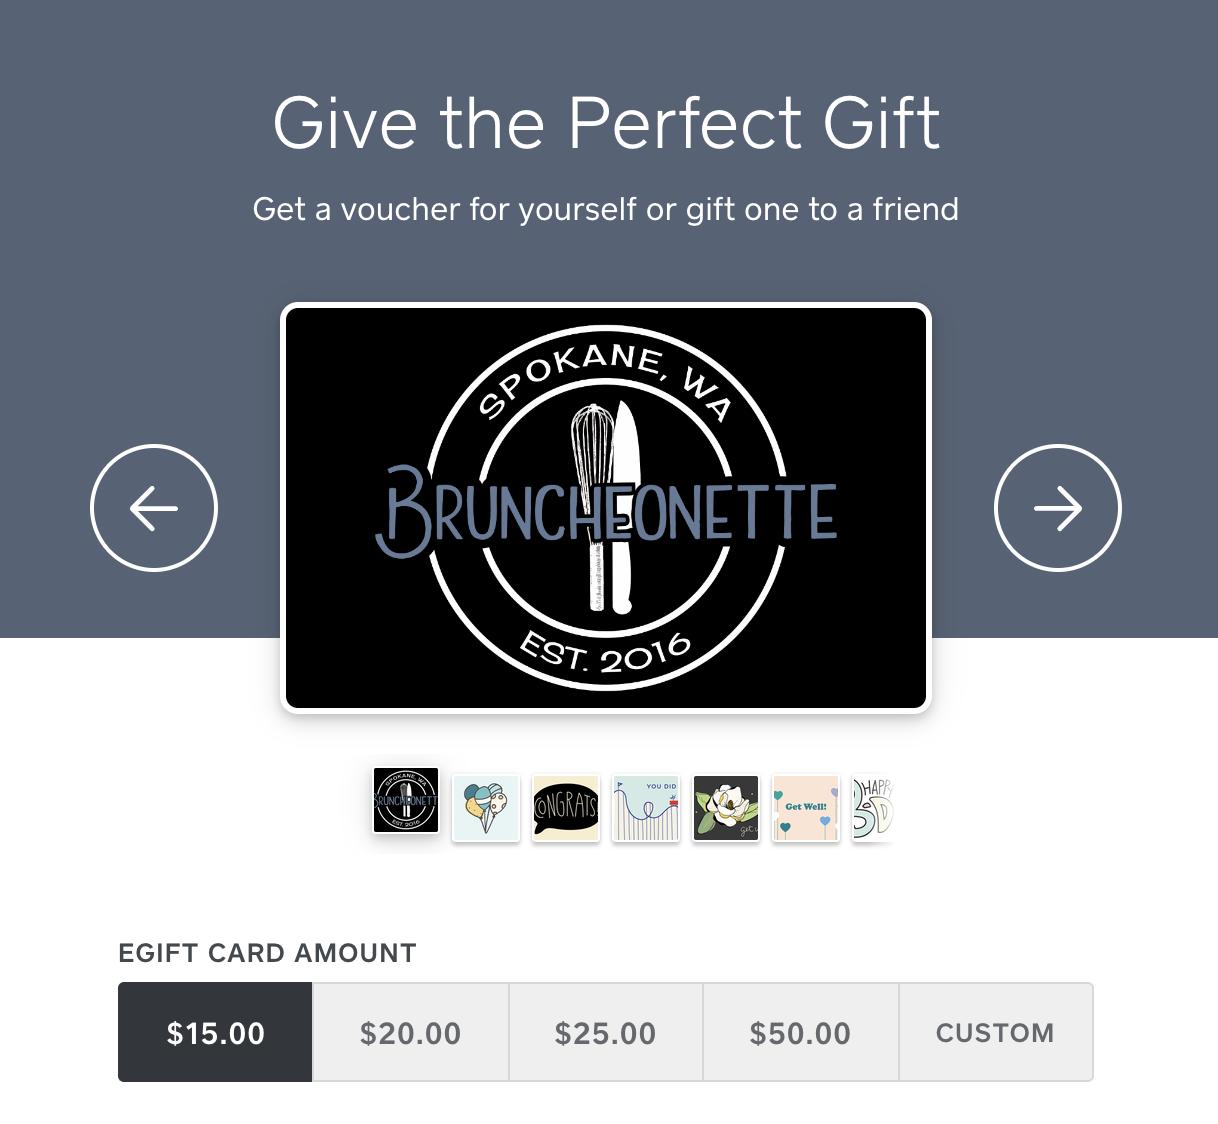 Bruncheonette Spokane Giftcard Selections